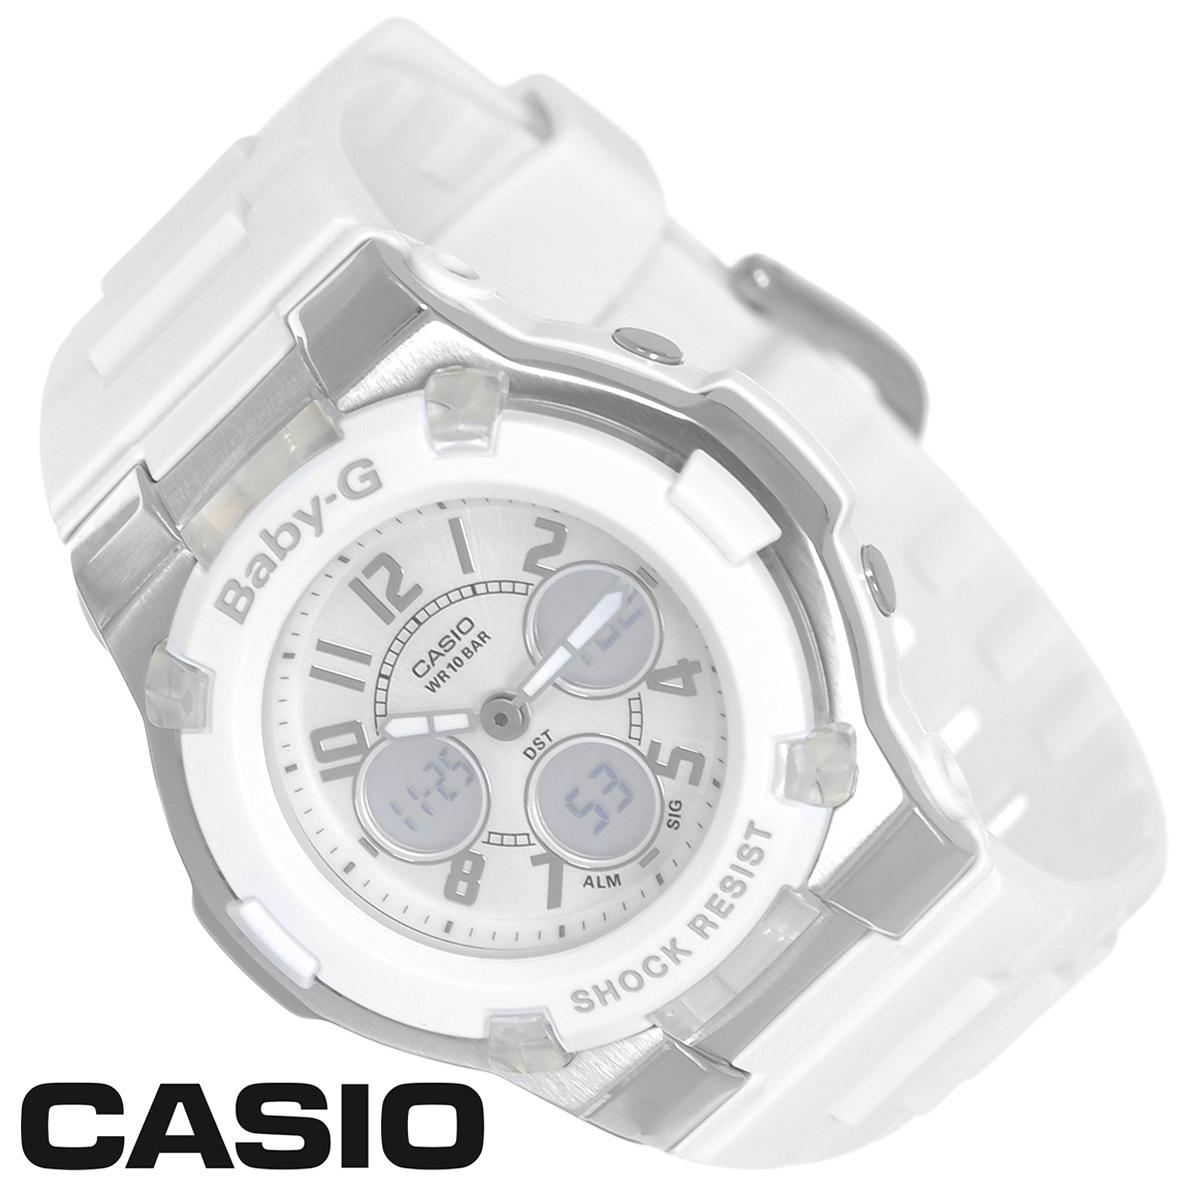 Часы женские наручные Casio Baby-G, цвет: белый, серебристый. BGA-110-7BАнимаСтильные многофункциональные часы Baby-G от японского брэнда Casio - это яркий функциональный аксессуар для современных людей, которые стремятся выделиться из толпы и подчеркнуть свою индивидуальность. Часы выполнены в спортивном стиле.Часы оснащены японским кварцевым механизмом. Часы имеют ударопрочную конструкцию, защищающую механизм от ударов и вибрации. Циферблат с безельными протекторами оснащен двумя стрелками и подсвечивается светодиодом. Ремешок из мягкого пластика застегивается на классическую застежку.Основные функции: - 5 будильников, один с функцией повтора сигнала (чтобы отложить пробуждение), ежечасный сигнал; - сплит-хронограф; - автоматический календарь (число, месяц, день недели, год); - секундомер с точностью показаний 1/100 с, время измерения 60 мин; - 12-ти и 24-х часовой формат времени; - таймер обратного отсчета от 1 мин до 24 ч с автоповтором; - функция включения/отключения звука; - мировое время.Часы упакованы в фирменную коробку с логотипом Casio. Такой аксессуар добавит вашему образу стиля и подчеркнет безупречный вкус своего владельца. Характеристики:Диаметр циферблата: 2,4 см.Размер корпуса: 4,4 см х 4 см х 1,3 см.Длина ремешка (с корпусом): 21,5 см.Ширина ремешка: 1,8 см. STAINLESS STELL BACK JAPAN MOVT Y CASED IN CHINA.